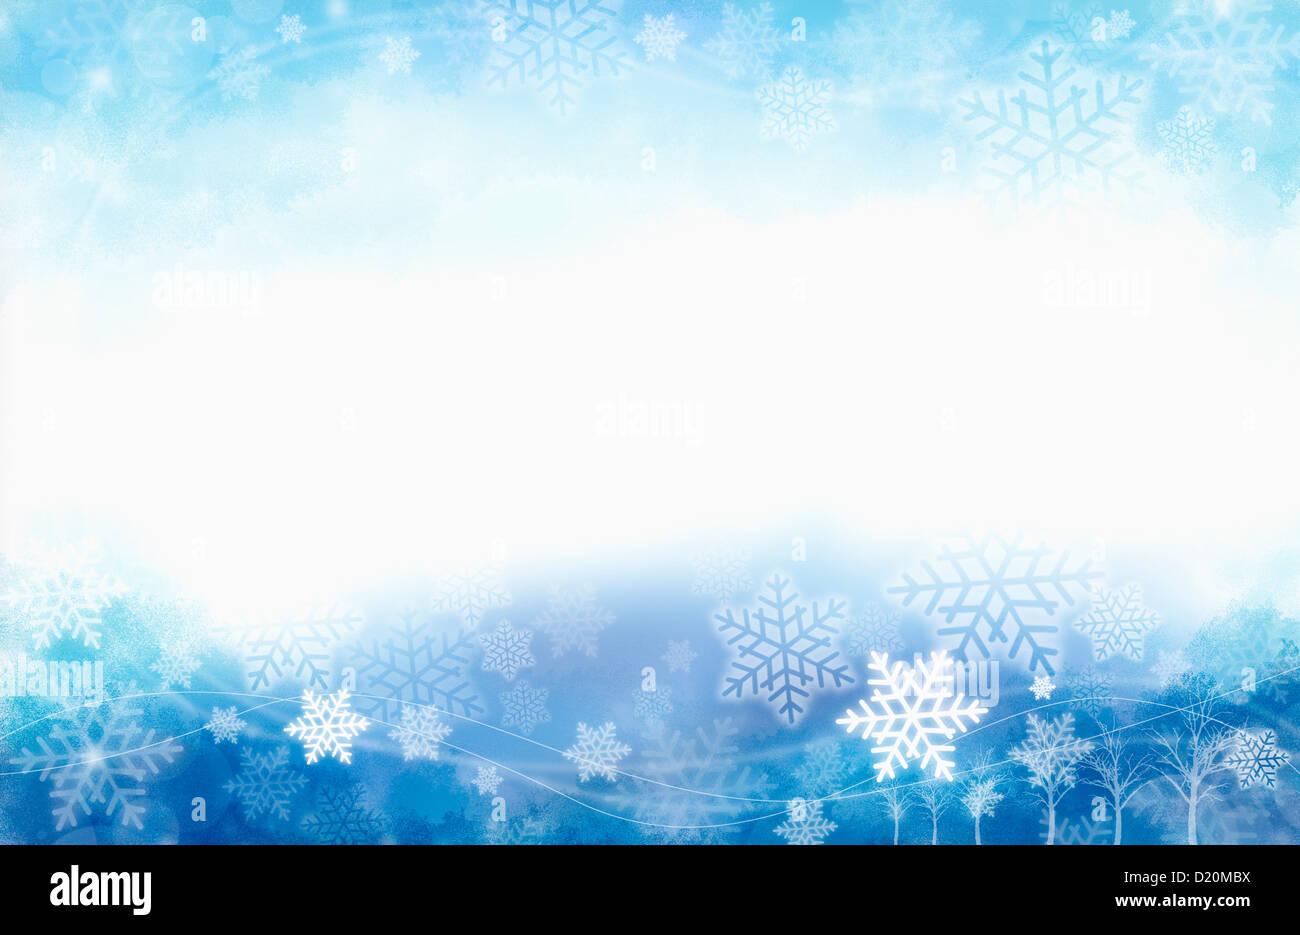 PPT-Vorlage von Schneeflocken mit einem eisigen Blau Hintergrund ...